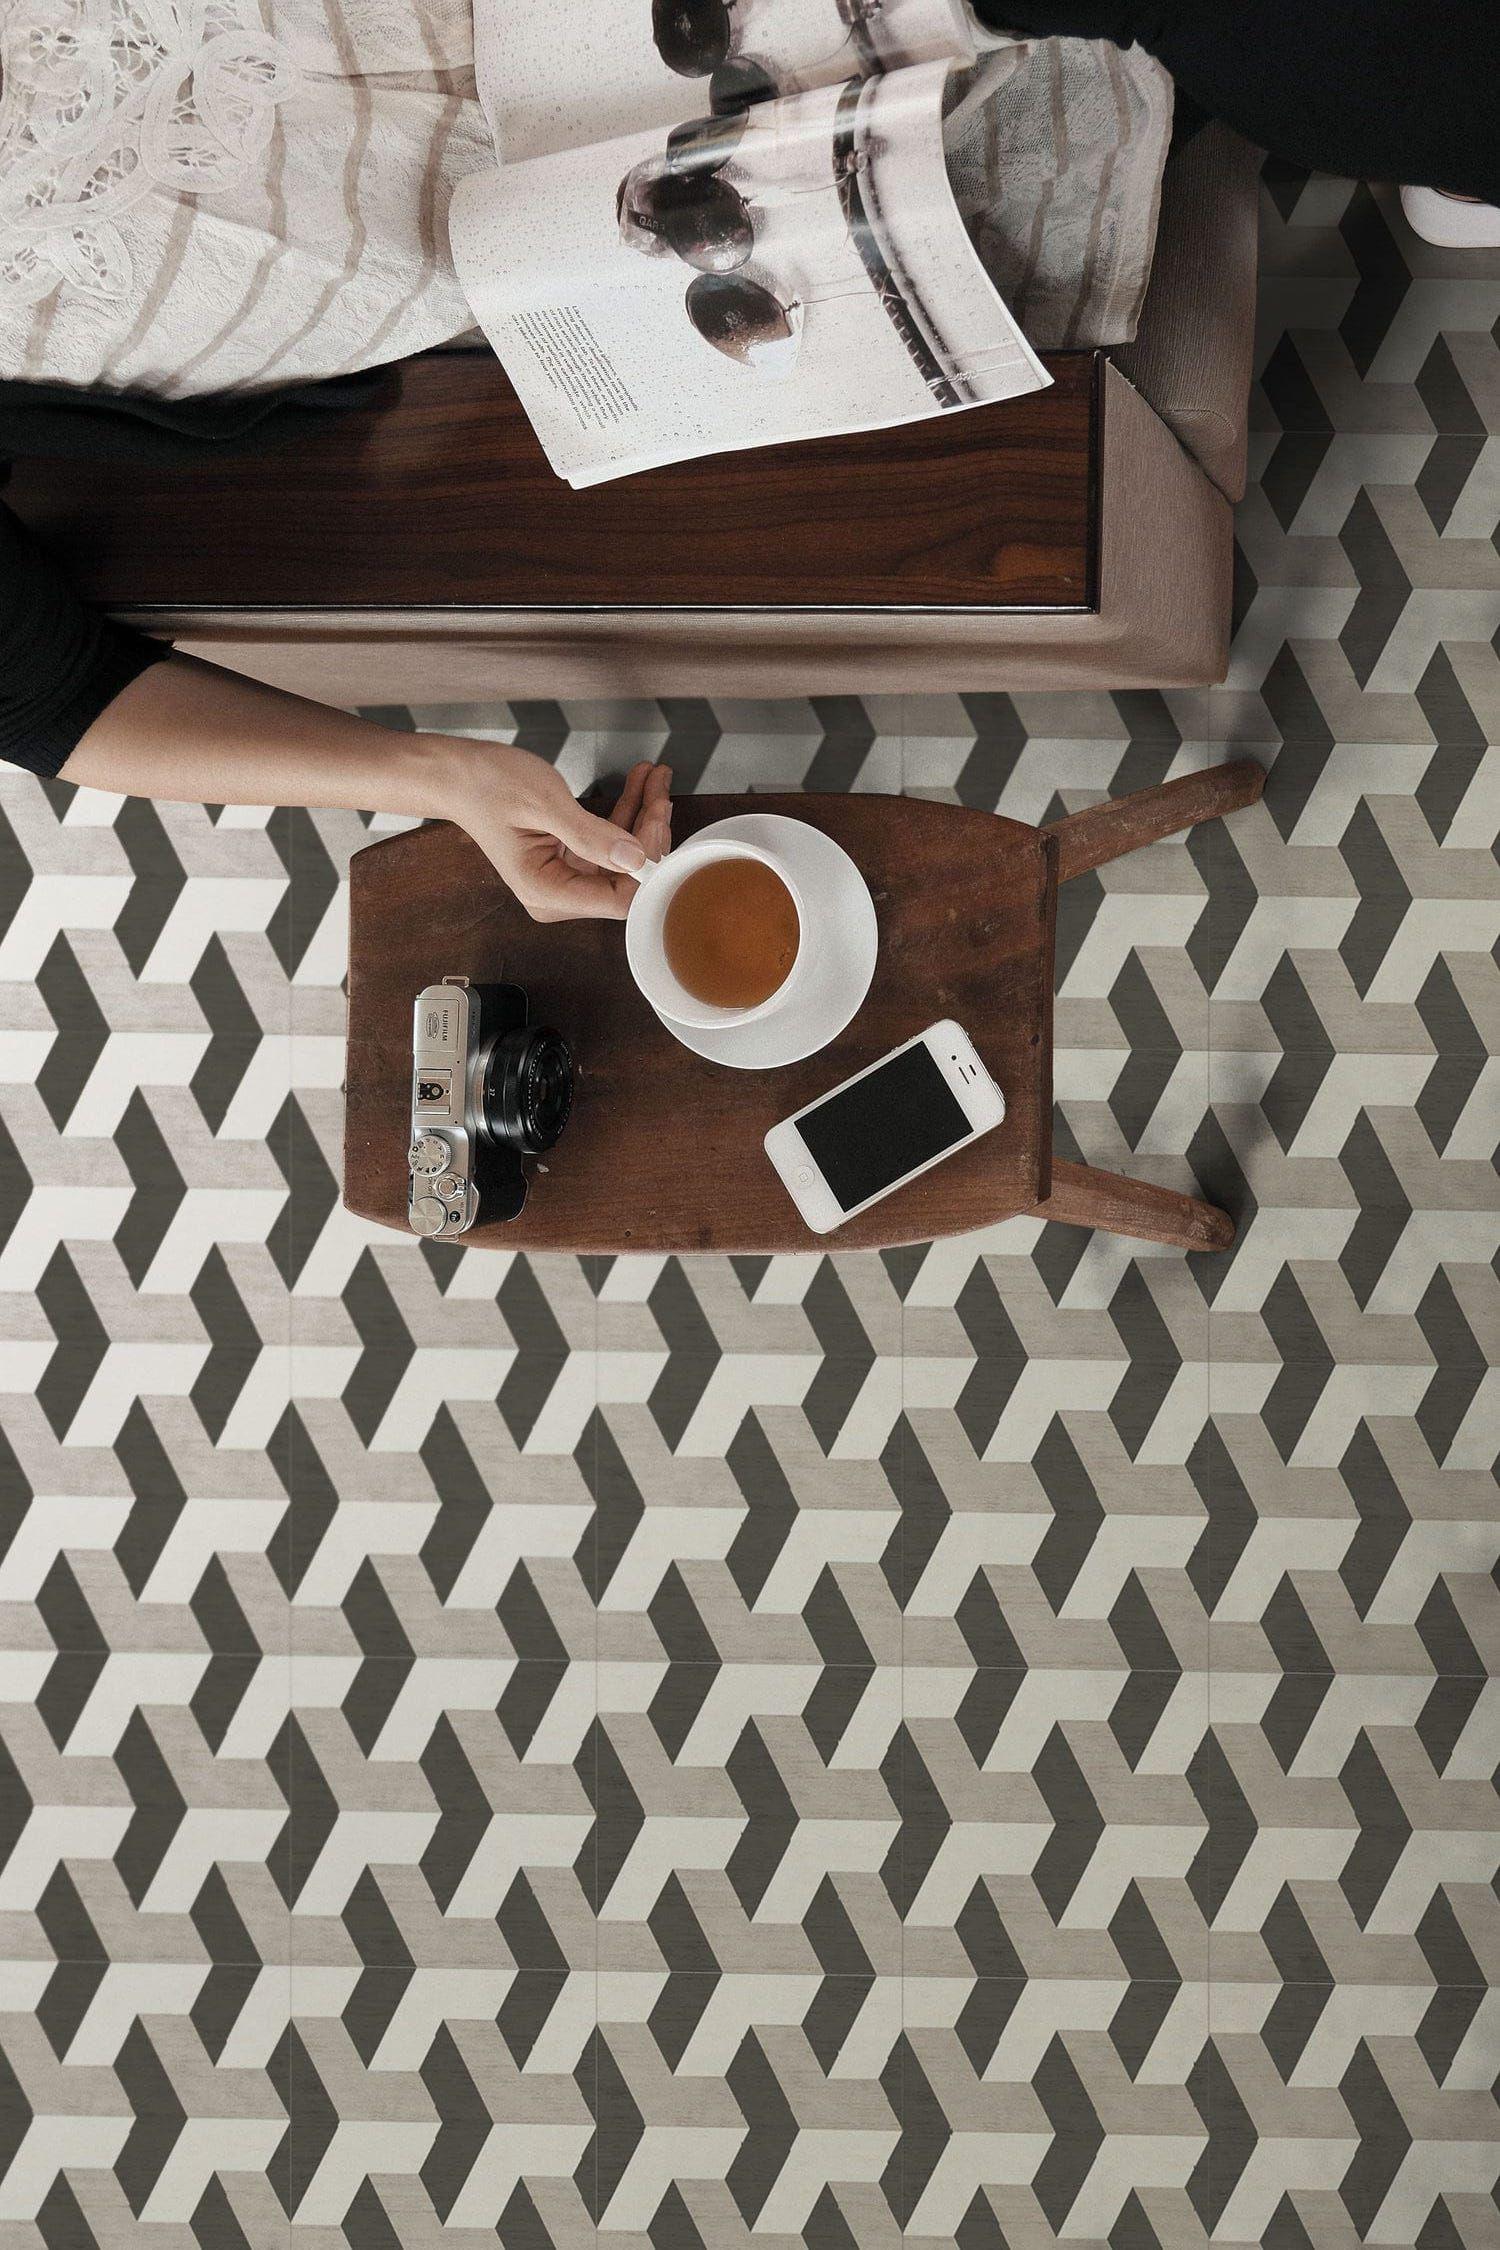 Revetement Sol Liege Avis carrelage céramique ornamenta damier t noir gris blanc pour